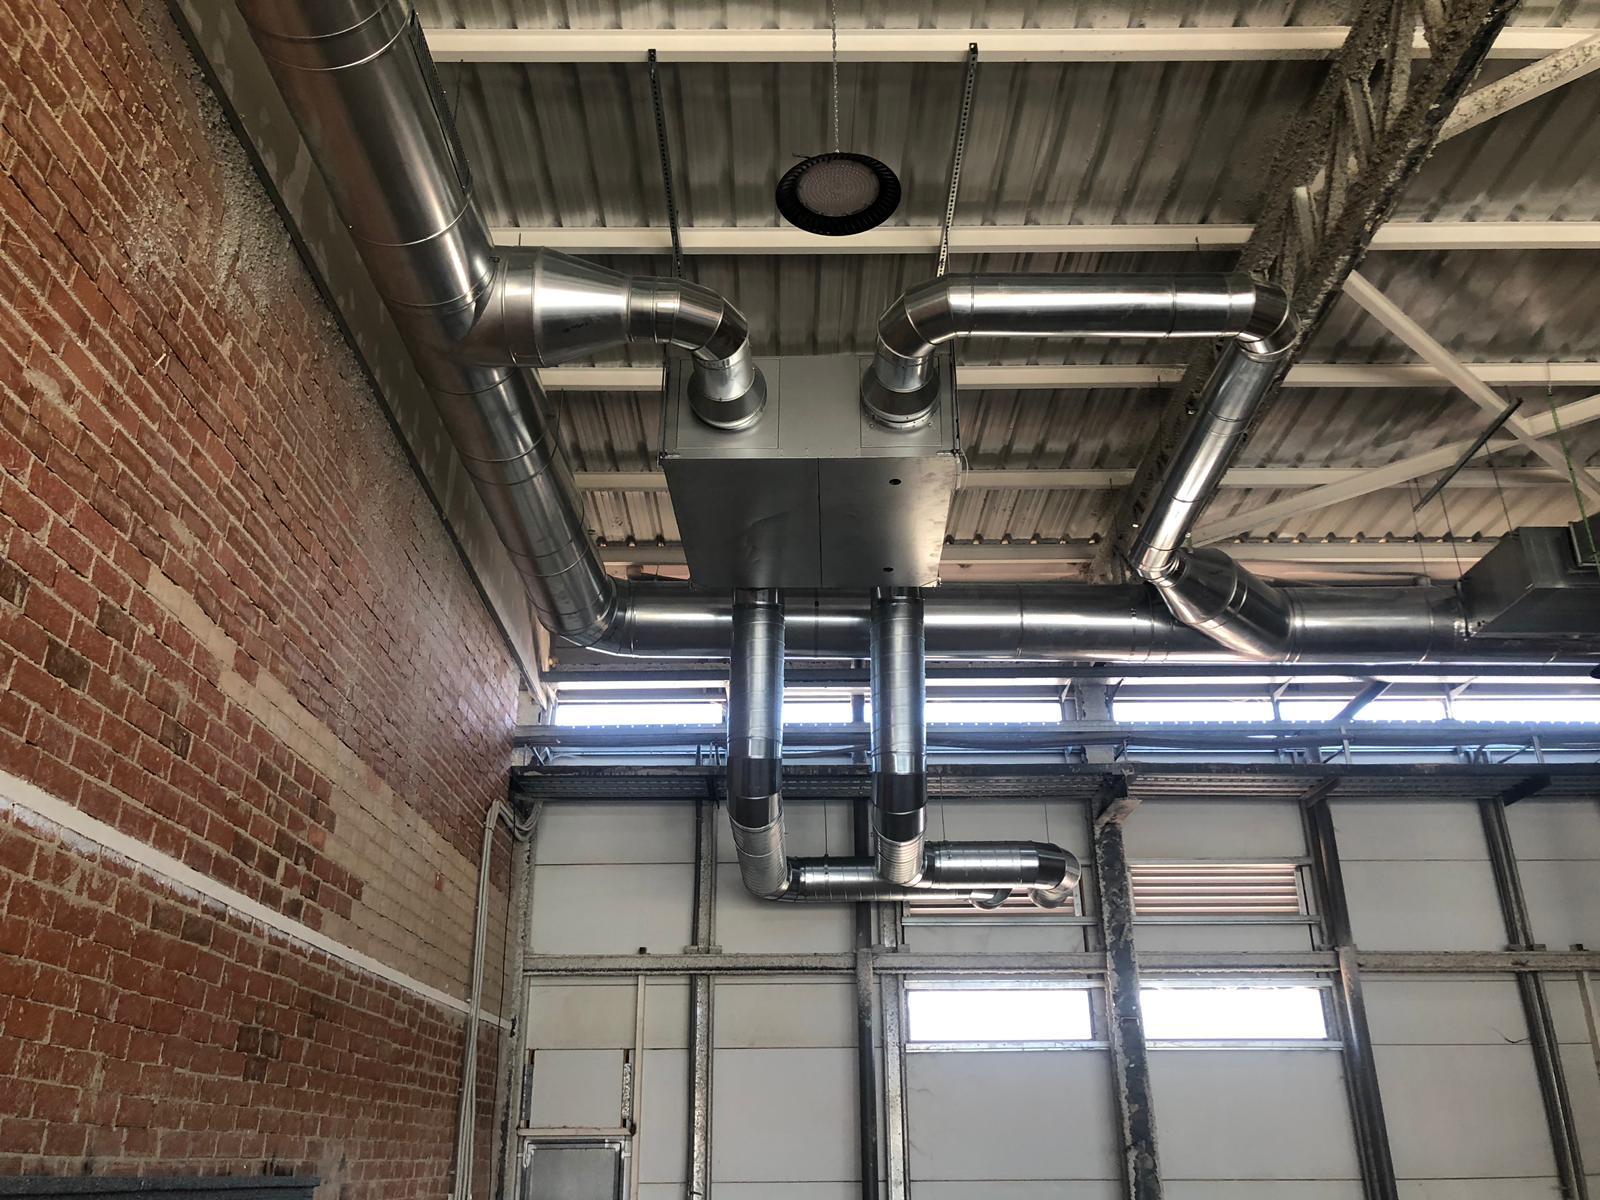 Recuperador de calor en falso techo